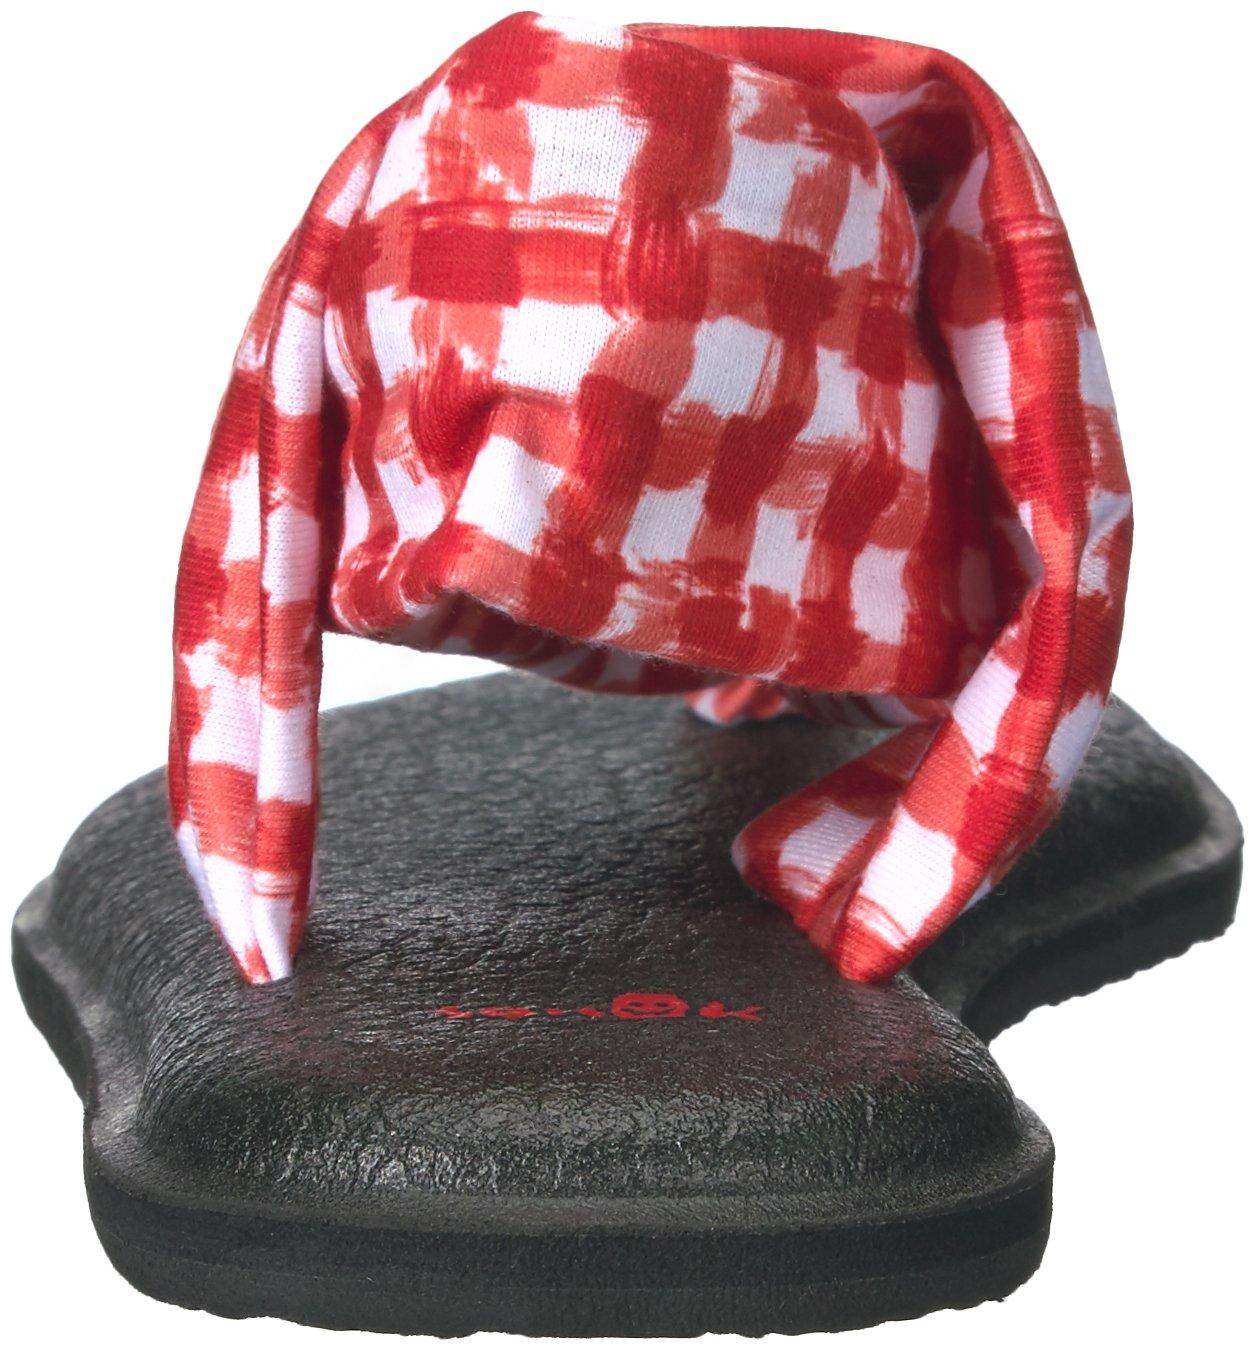 Sanuk Damen Red/White Yoga Sling#2 Prints Zehentrenner, Red/White Damen Gingham e03cb2